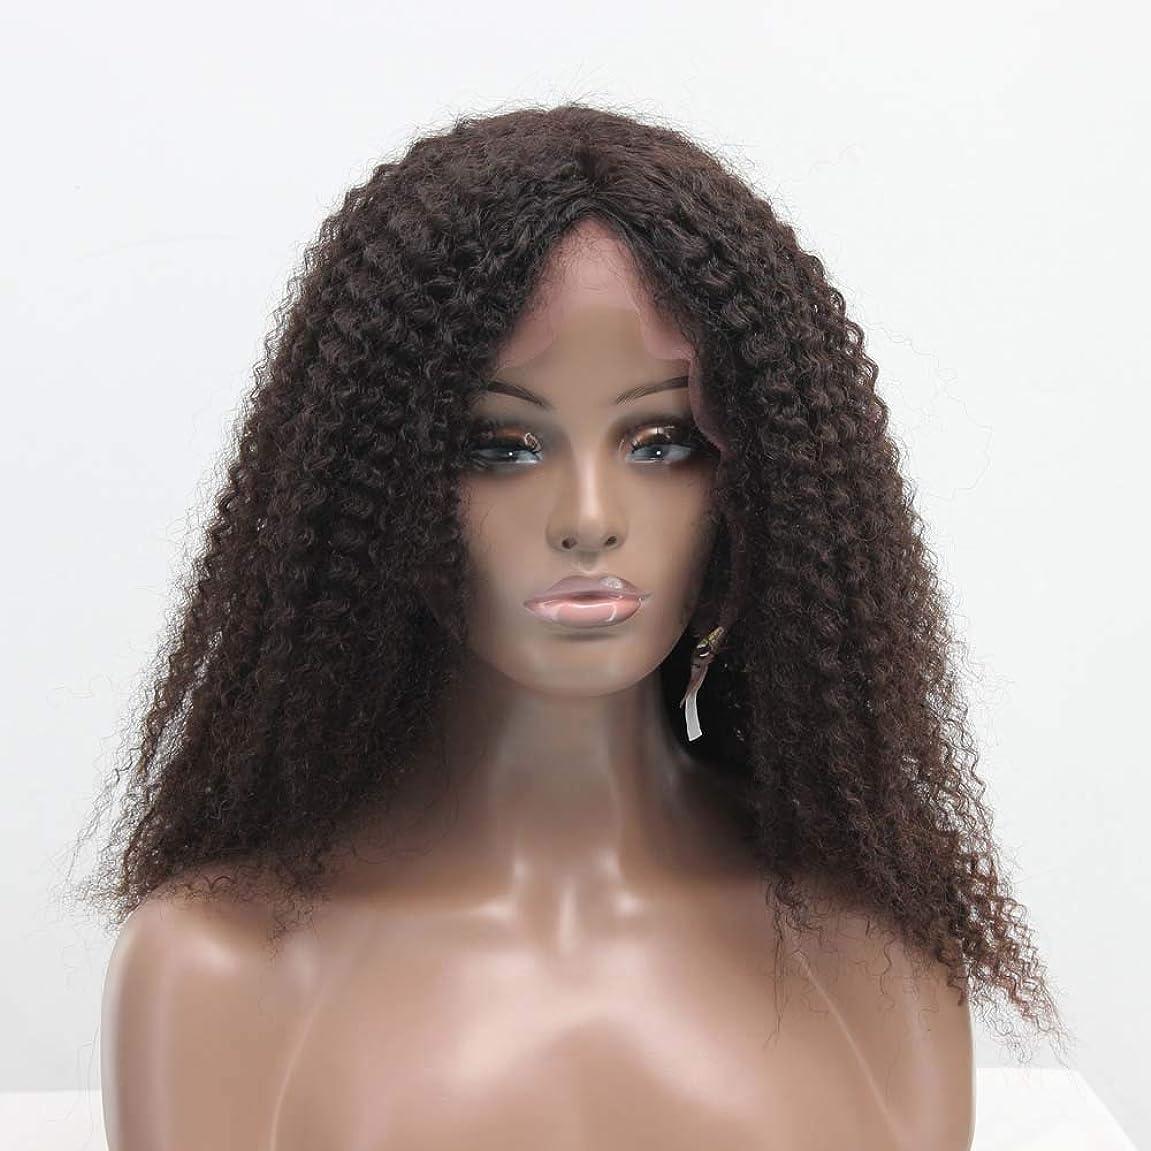 裁判官埋め込む豊かなZXF 真ん中と長い肩ふわふわフル手織り本物の髪の絹のフロントレースアフリカの小さな毛虫オールシーズン女性かつらセット 美しい (Size : 20